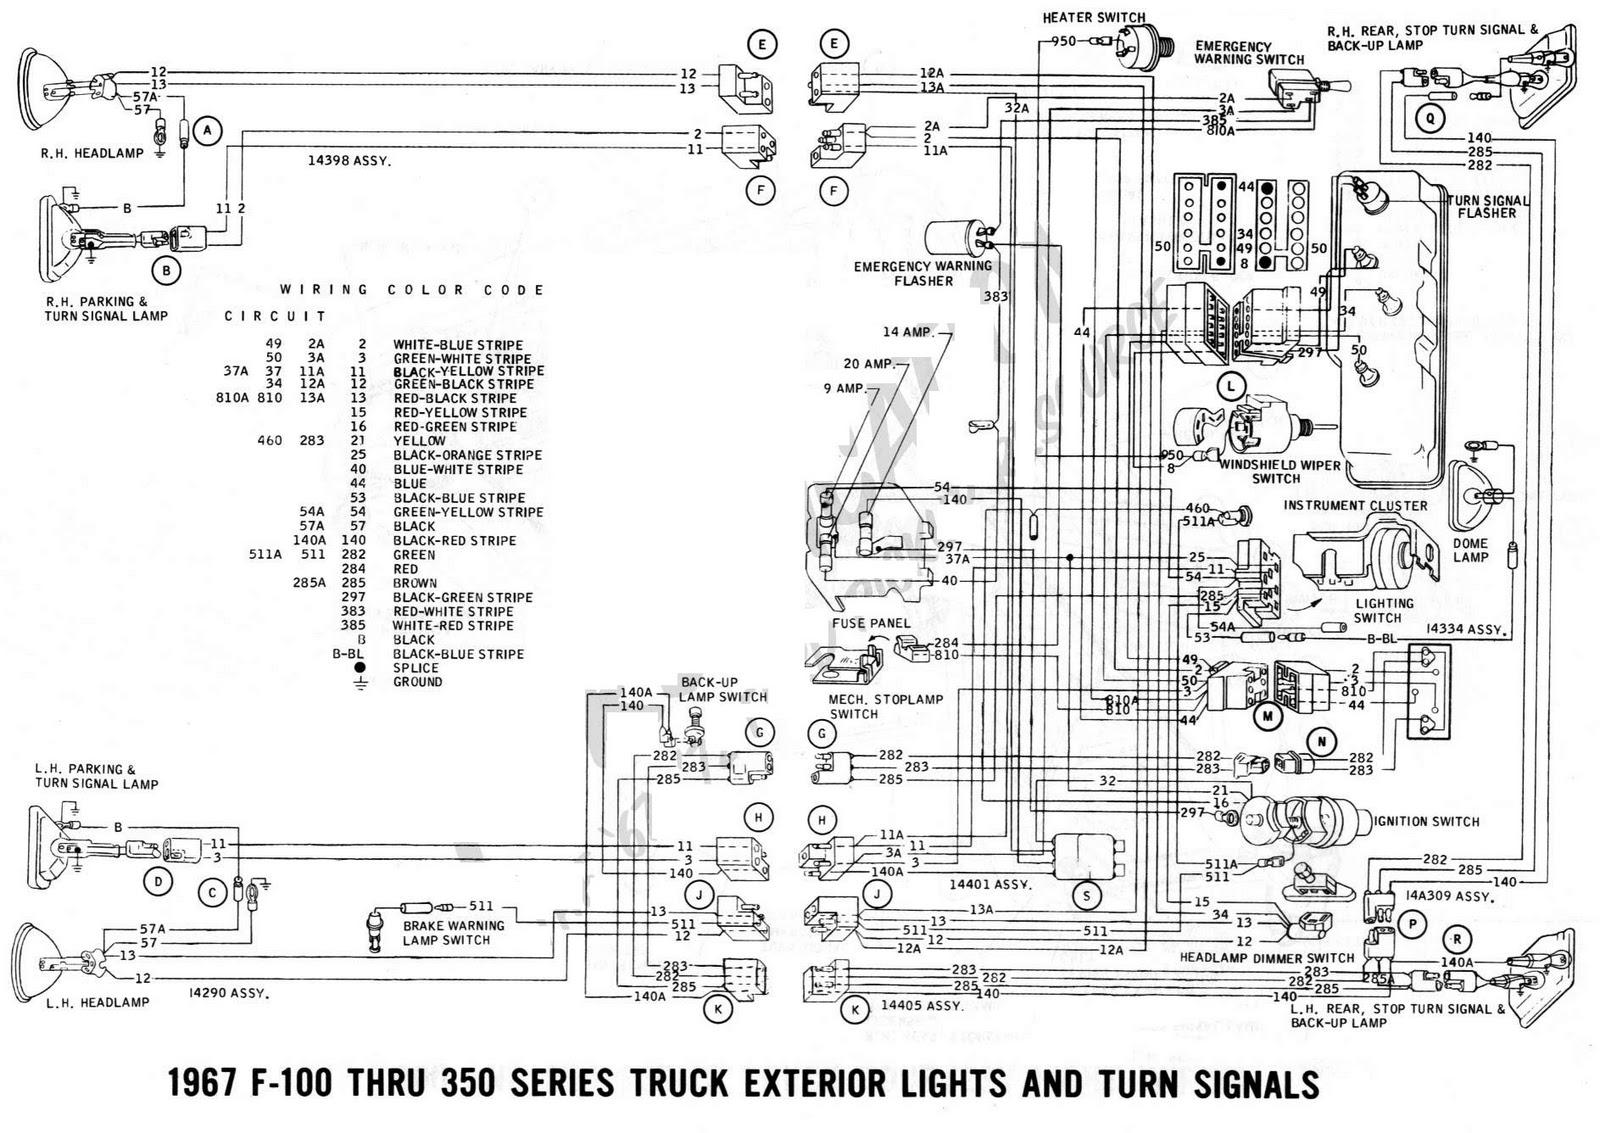 1967 Ford F100 Turn Signal Wiring Diagram - basic electrical ...  F Turn Signal Wiring Diagram on